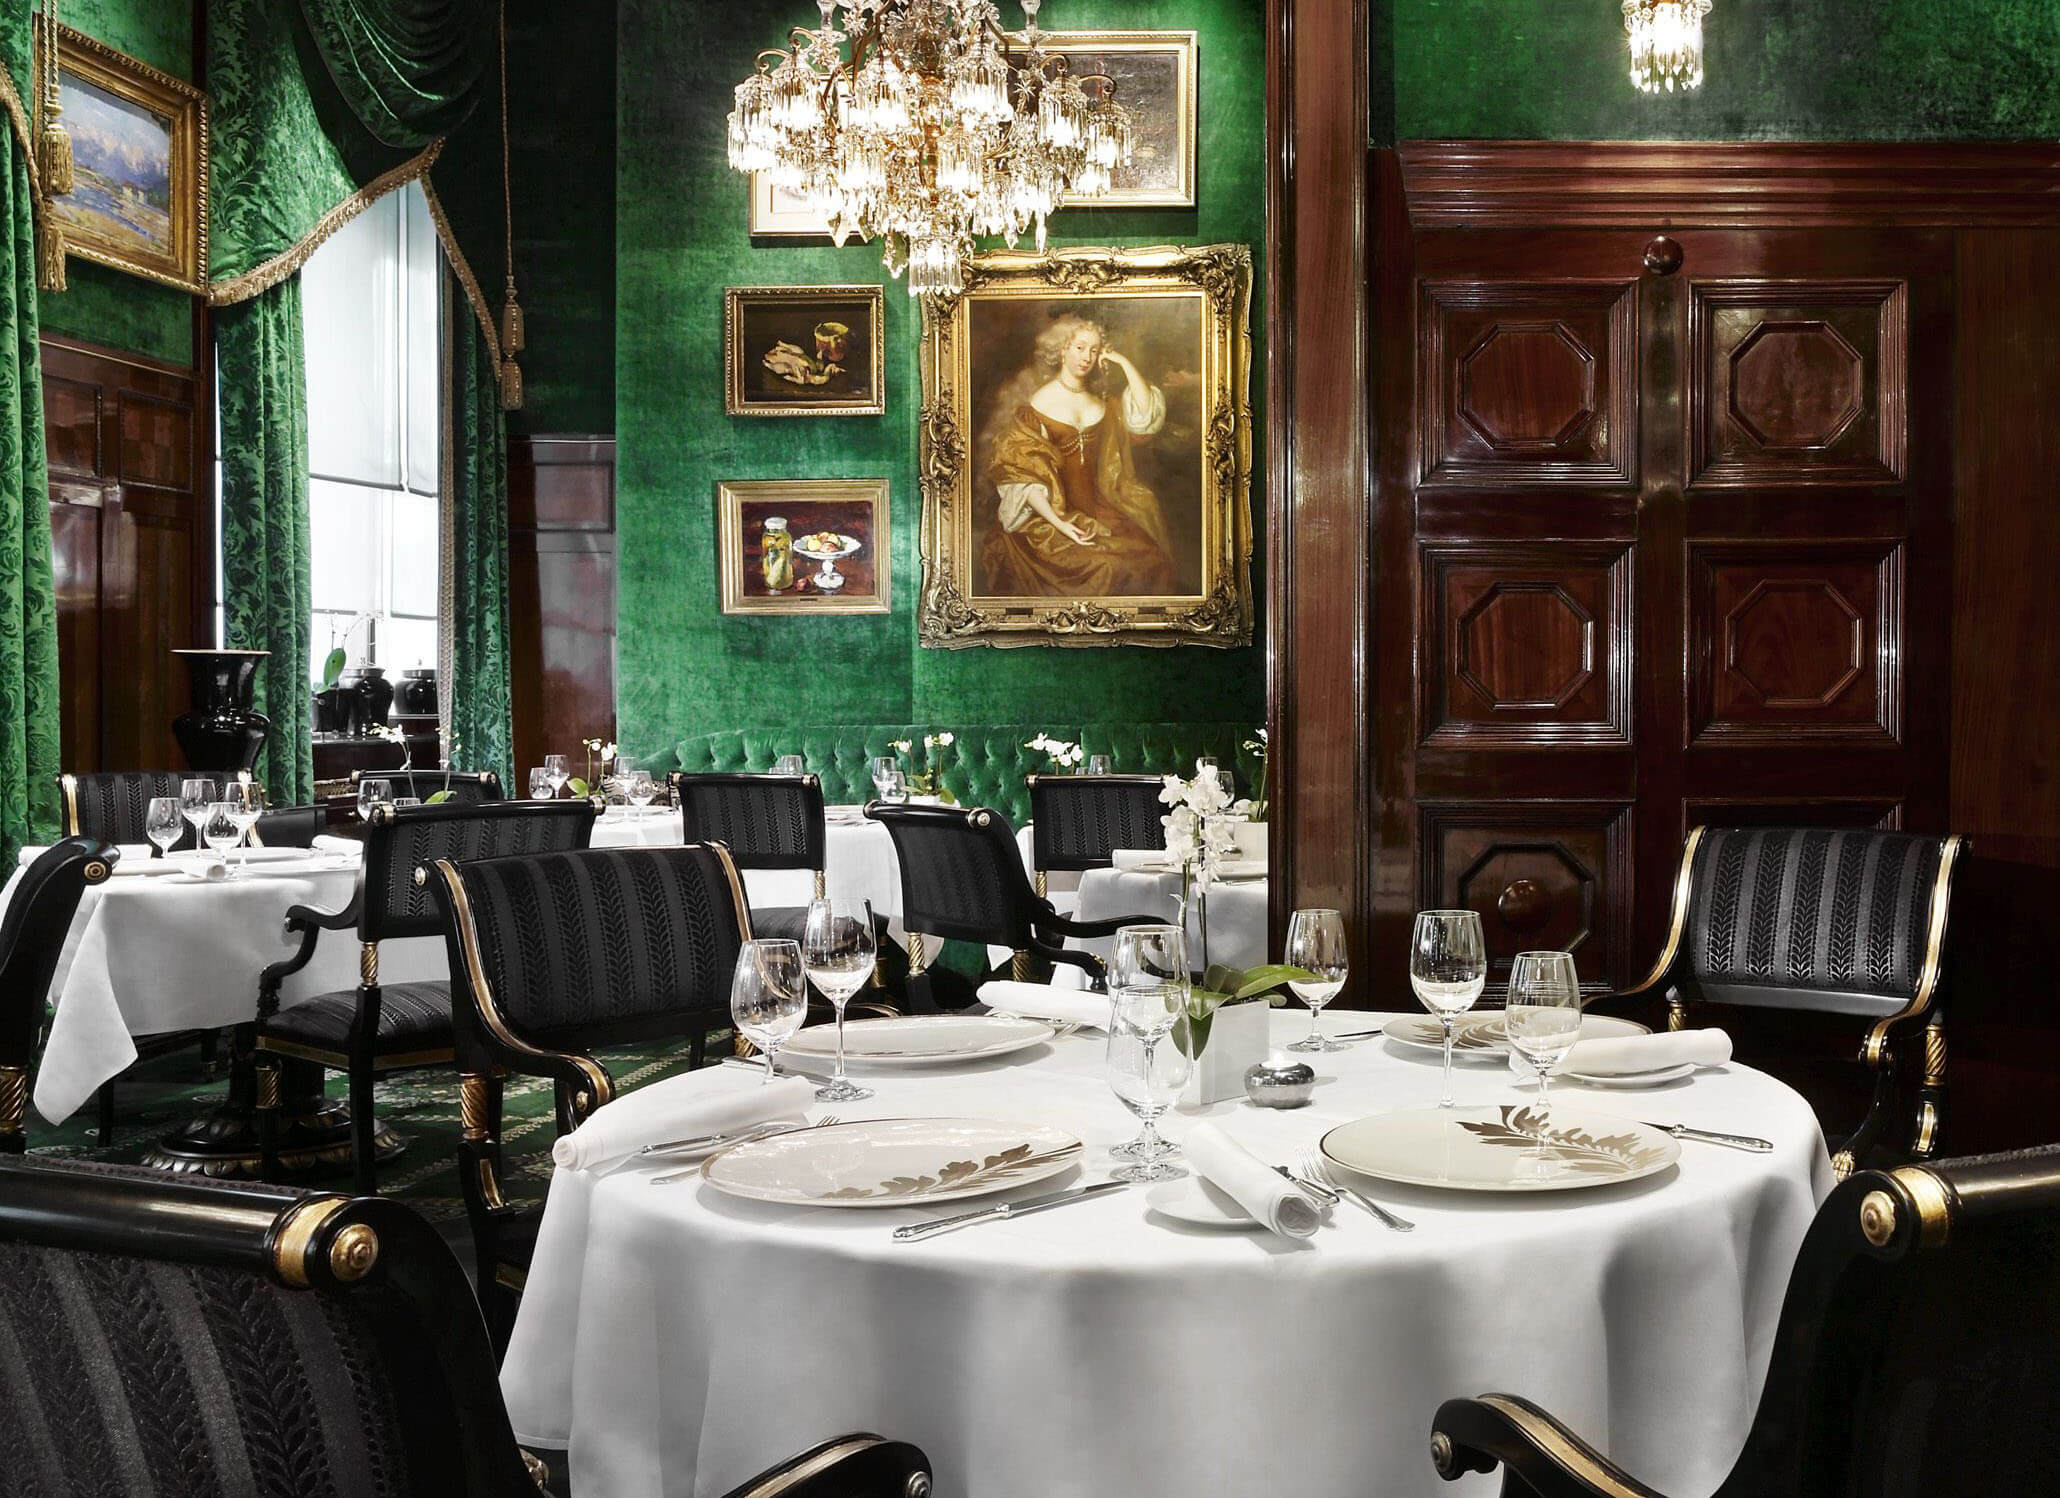 Wiener Schnitzel restaurant - Wiener Schnitzel luxury